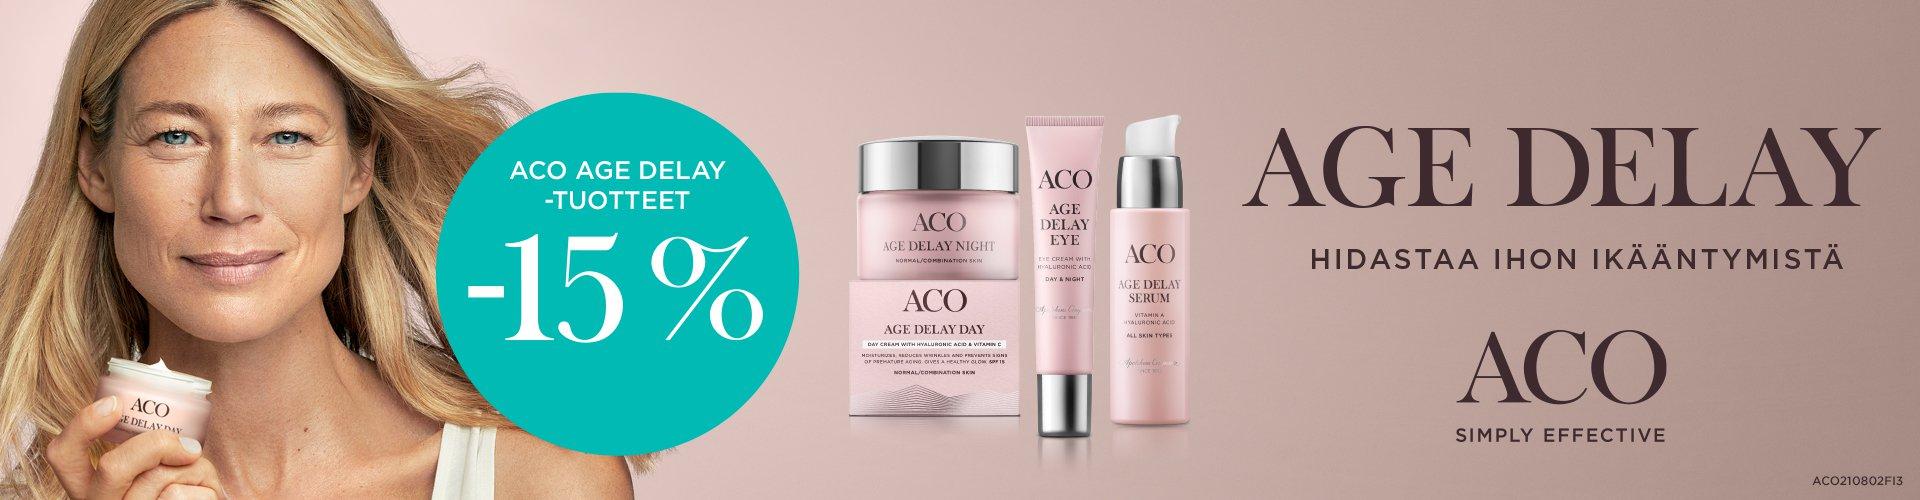 Aco Age Delay -tuotteet -15%